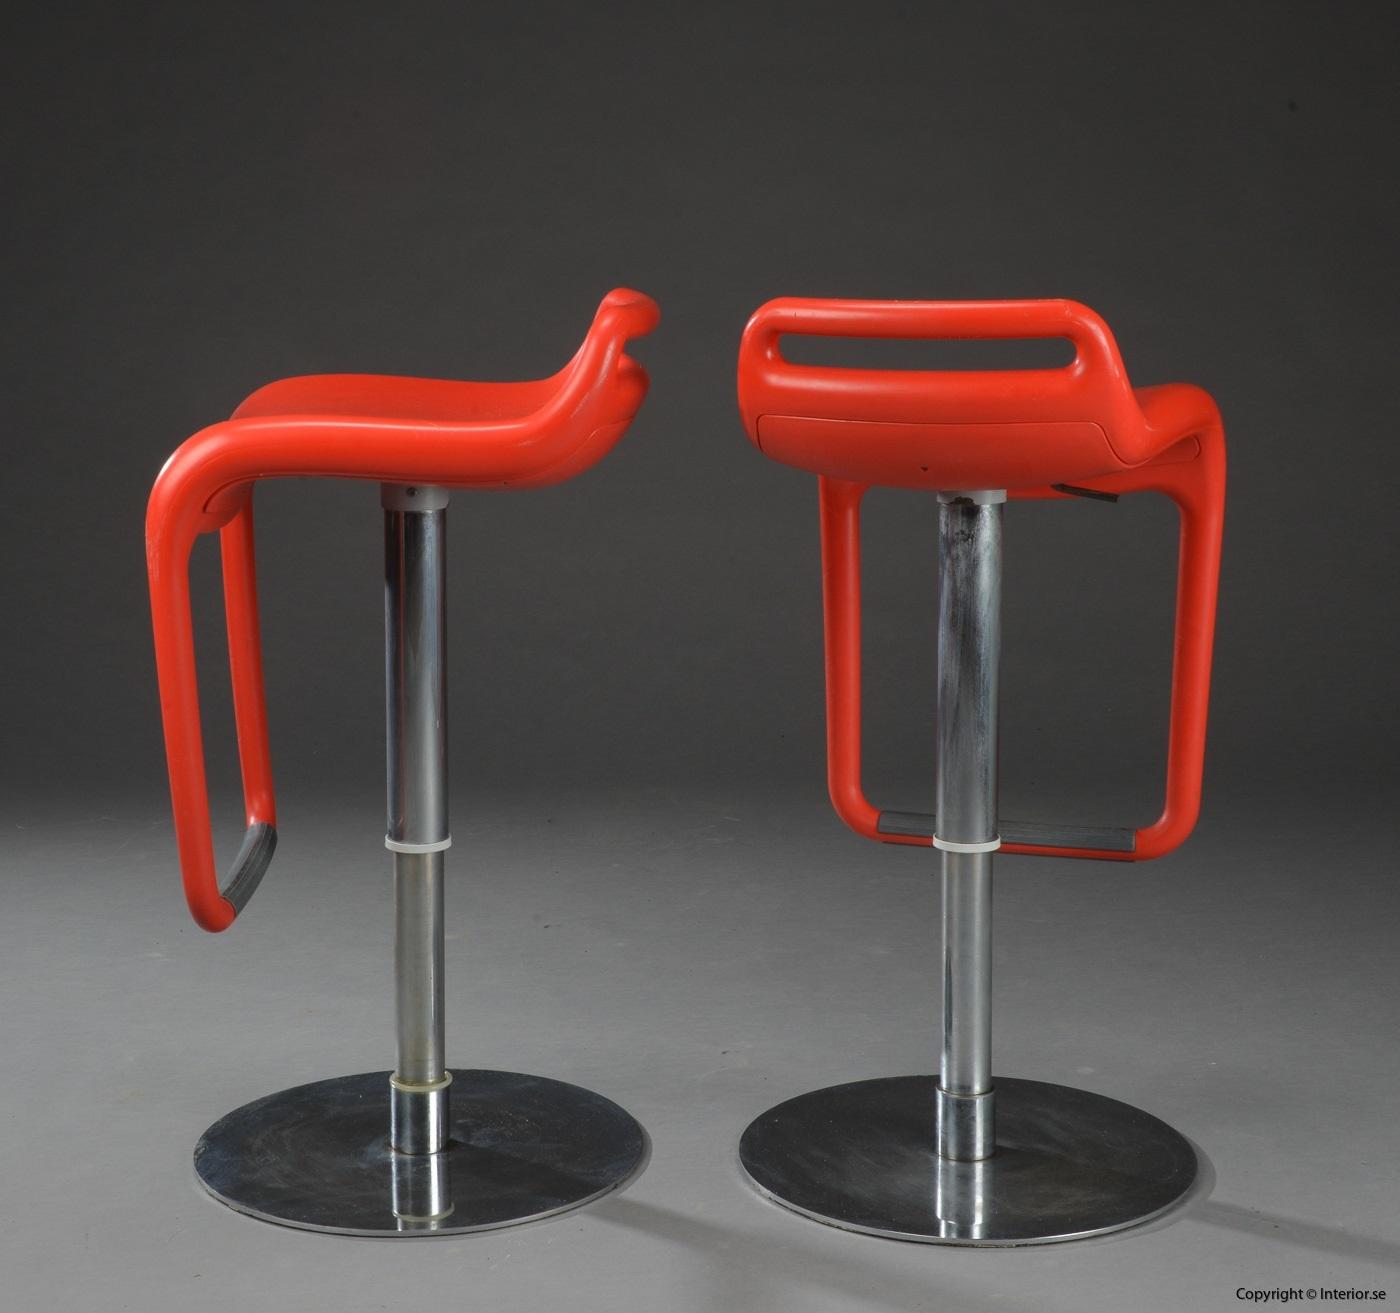 1 Segis Noon Archirivolto design barstol höj och sänkbar begagnade designmöbler (3)